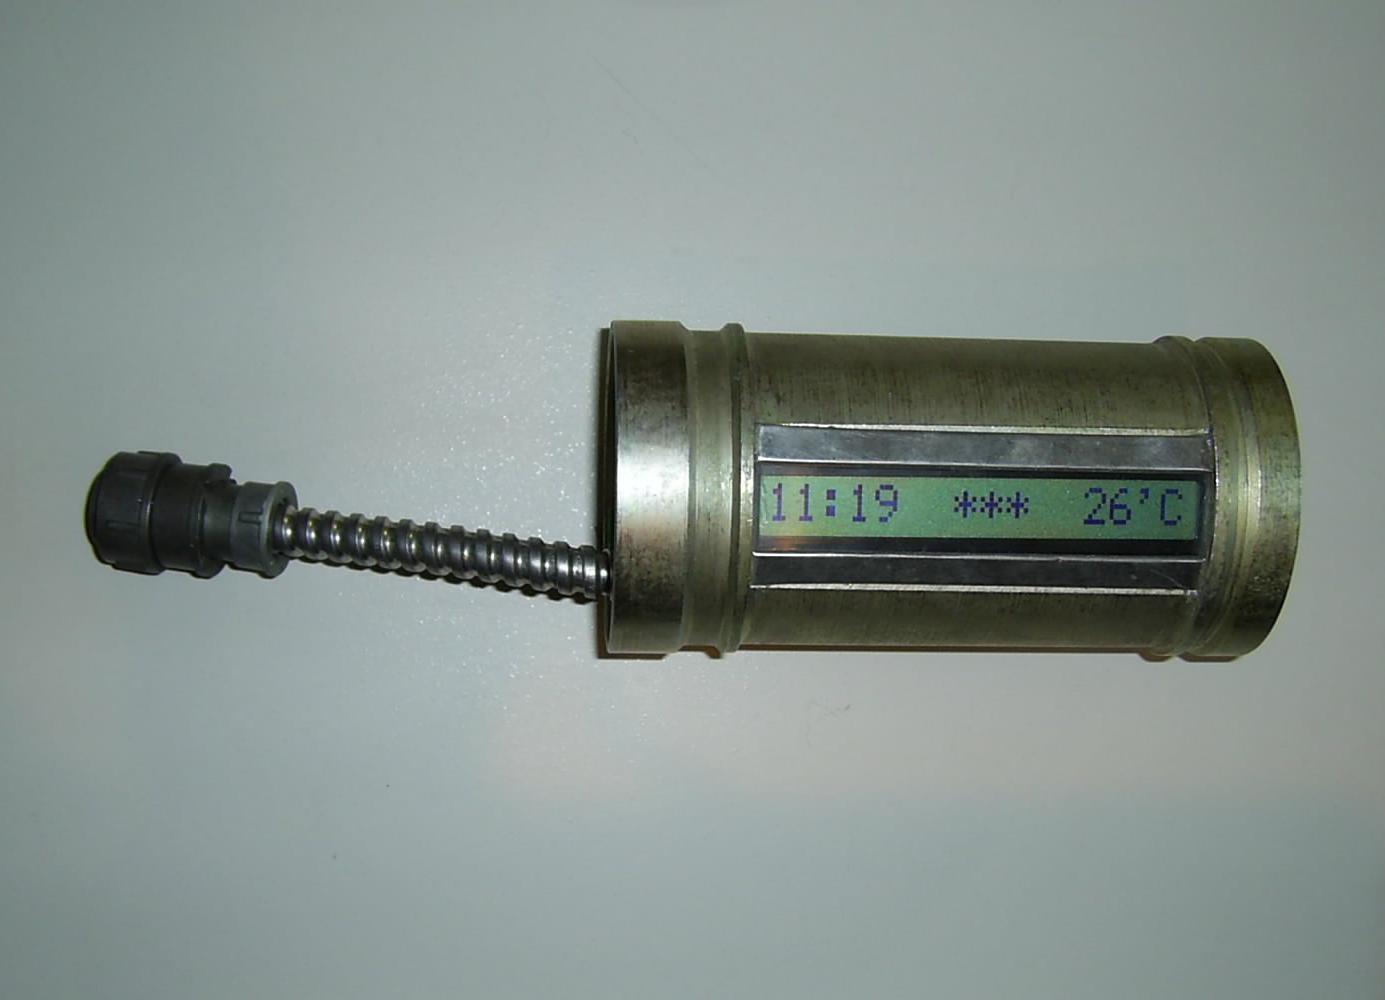 ТЕРМОКОН - 1, измеритель температуры.